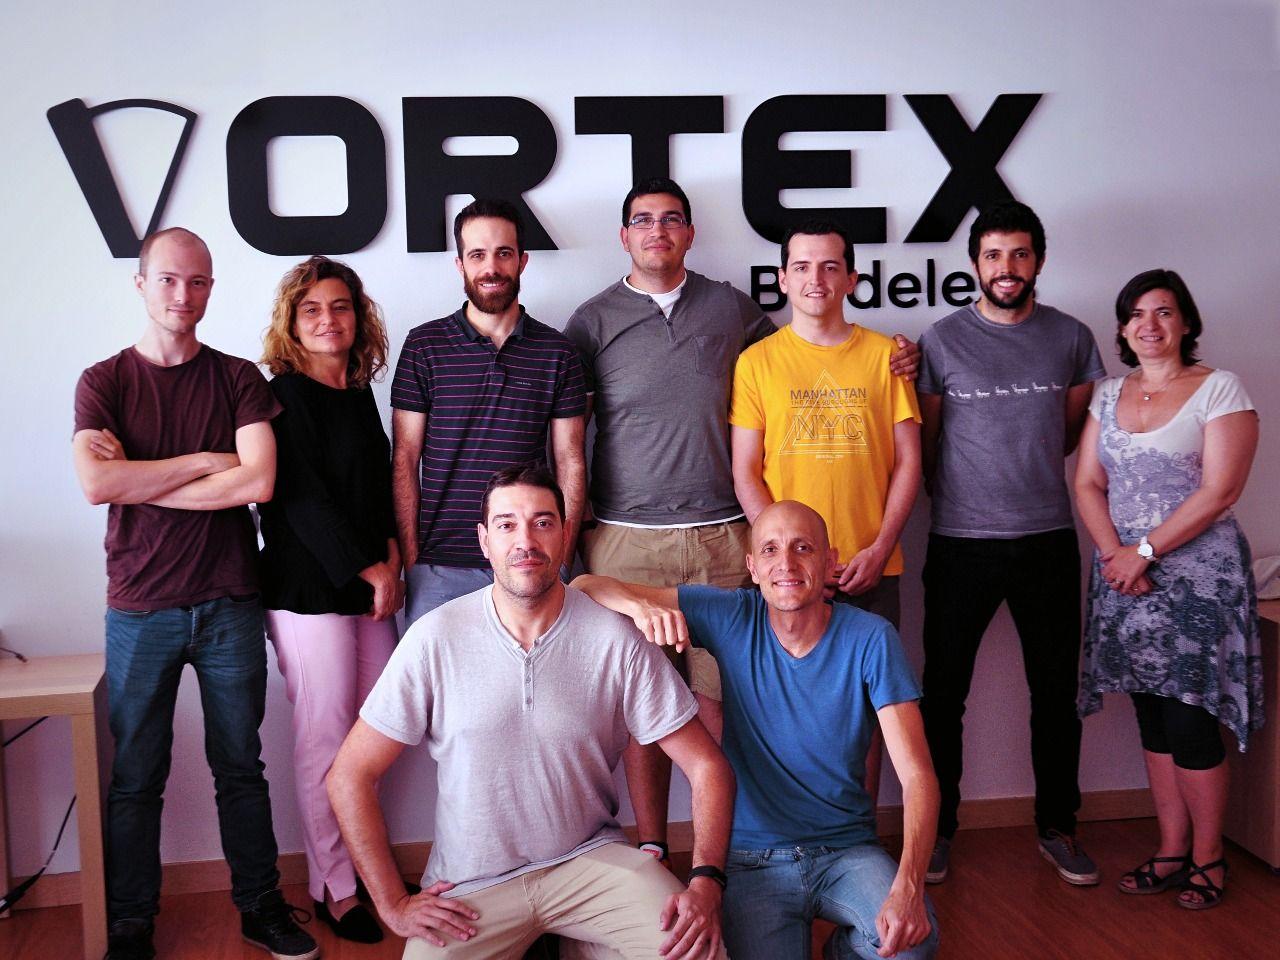 Vortex Bladeless team